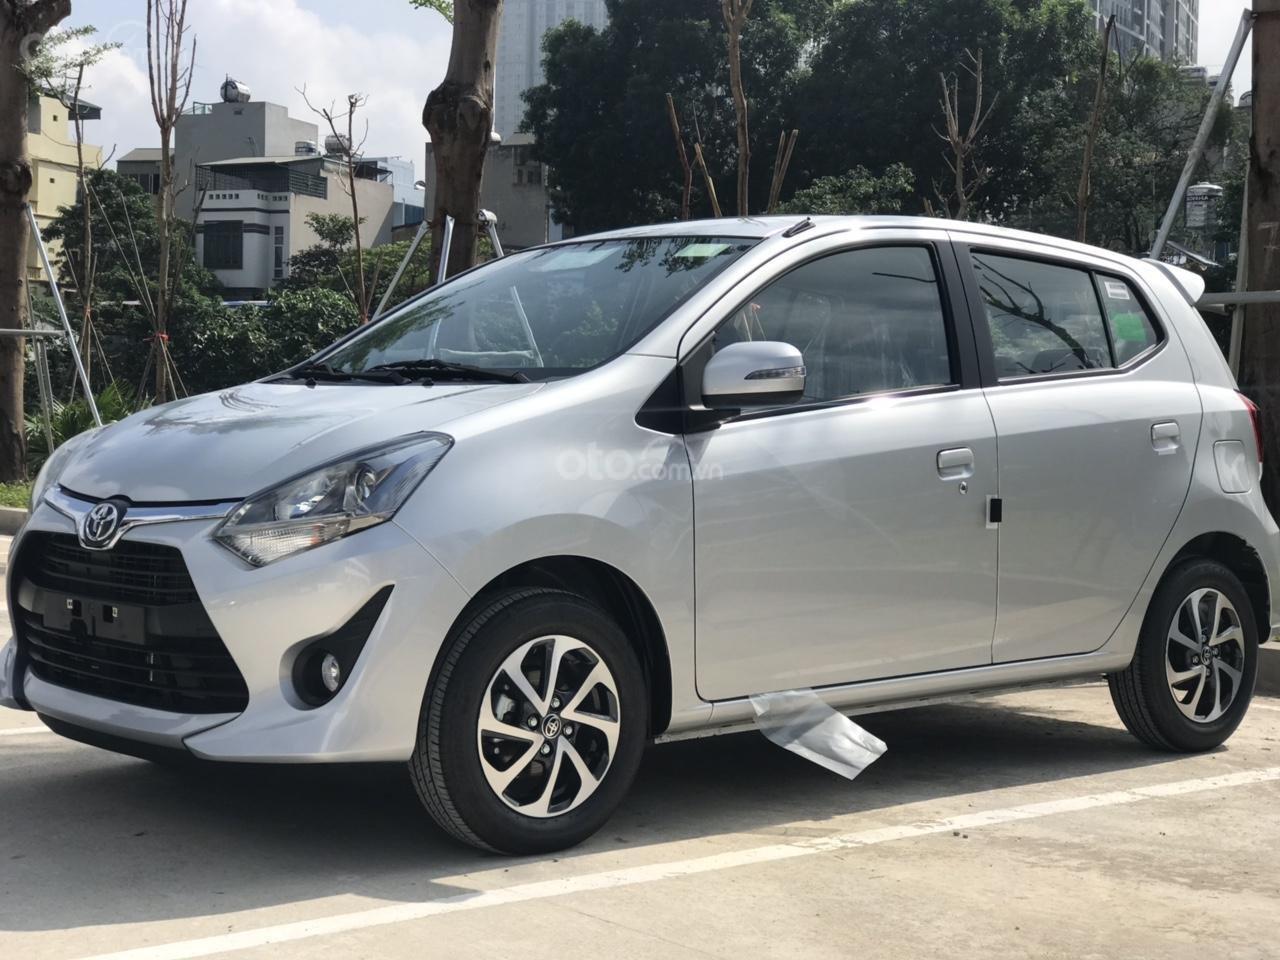 Toyota Wigo 2019 giao ngay, giá tốt, chi phí hợp lý (3)